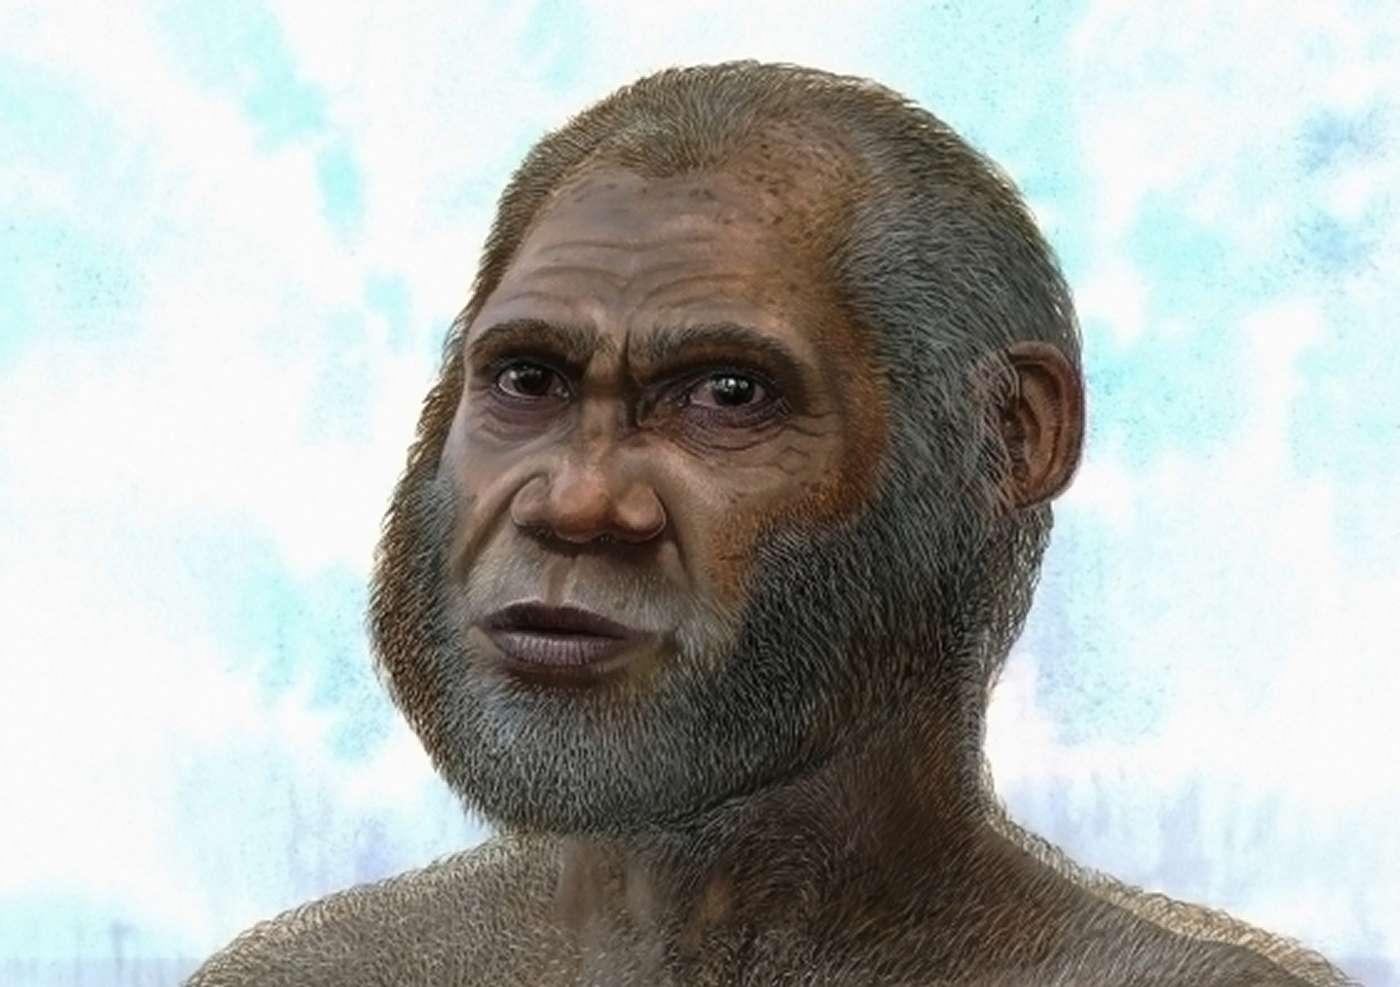 Reconstitution hypothétique de l'Homme de Maludong, daté de 14.000 ans environ, d'après les restes trouvés dans la grotte du cerf rouge (Red Deer Cave, en anglais). Ses traits et les caractéristiques physiques qui sont repérables sur les ossements découverts le rapprochent d'homininés bien plus anciens. © Peter Schouten